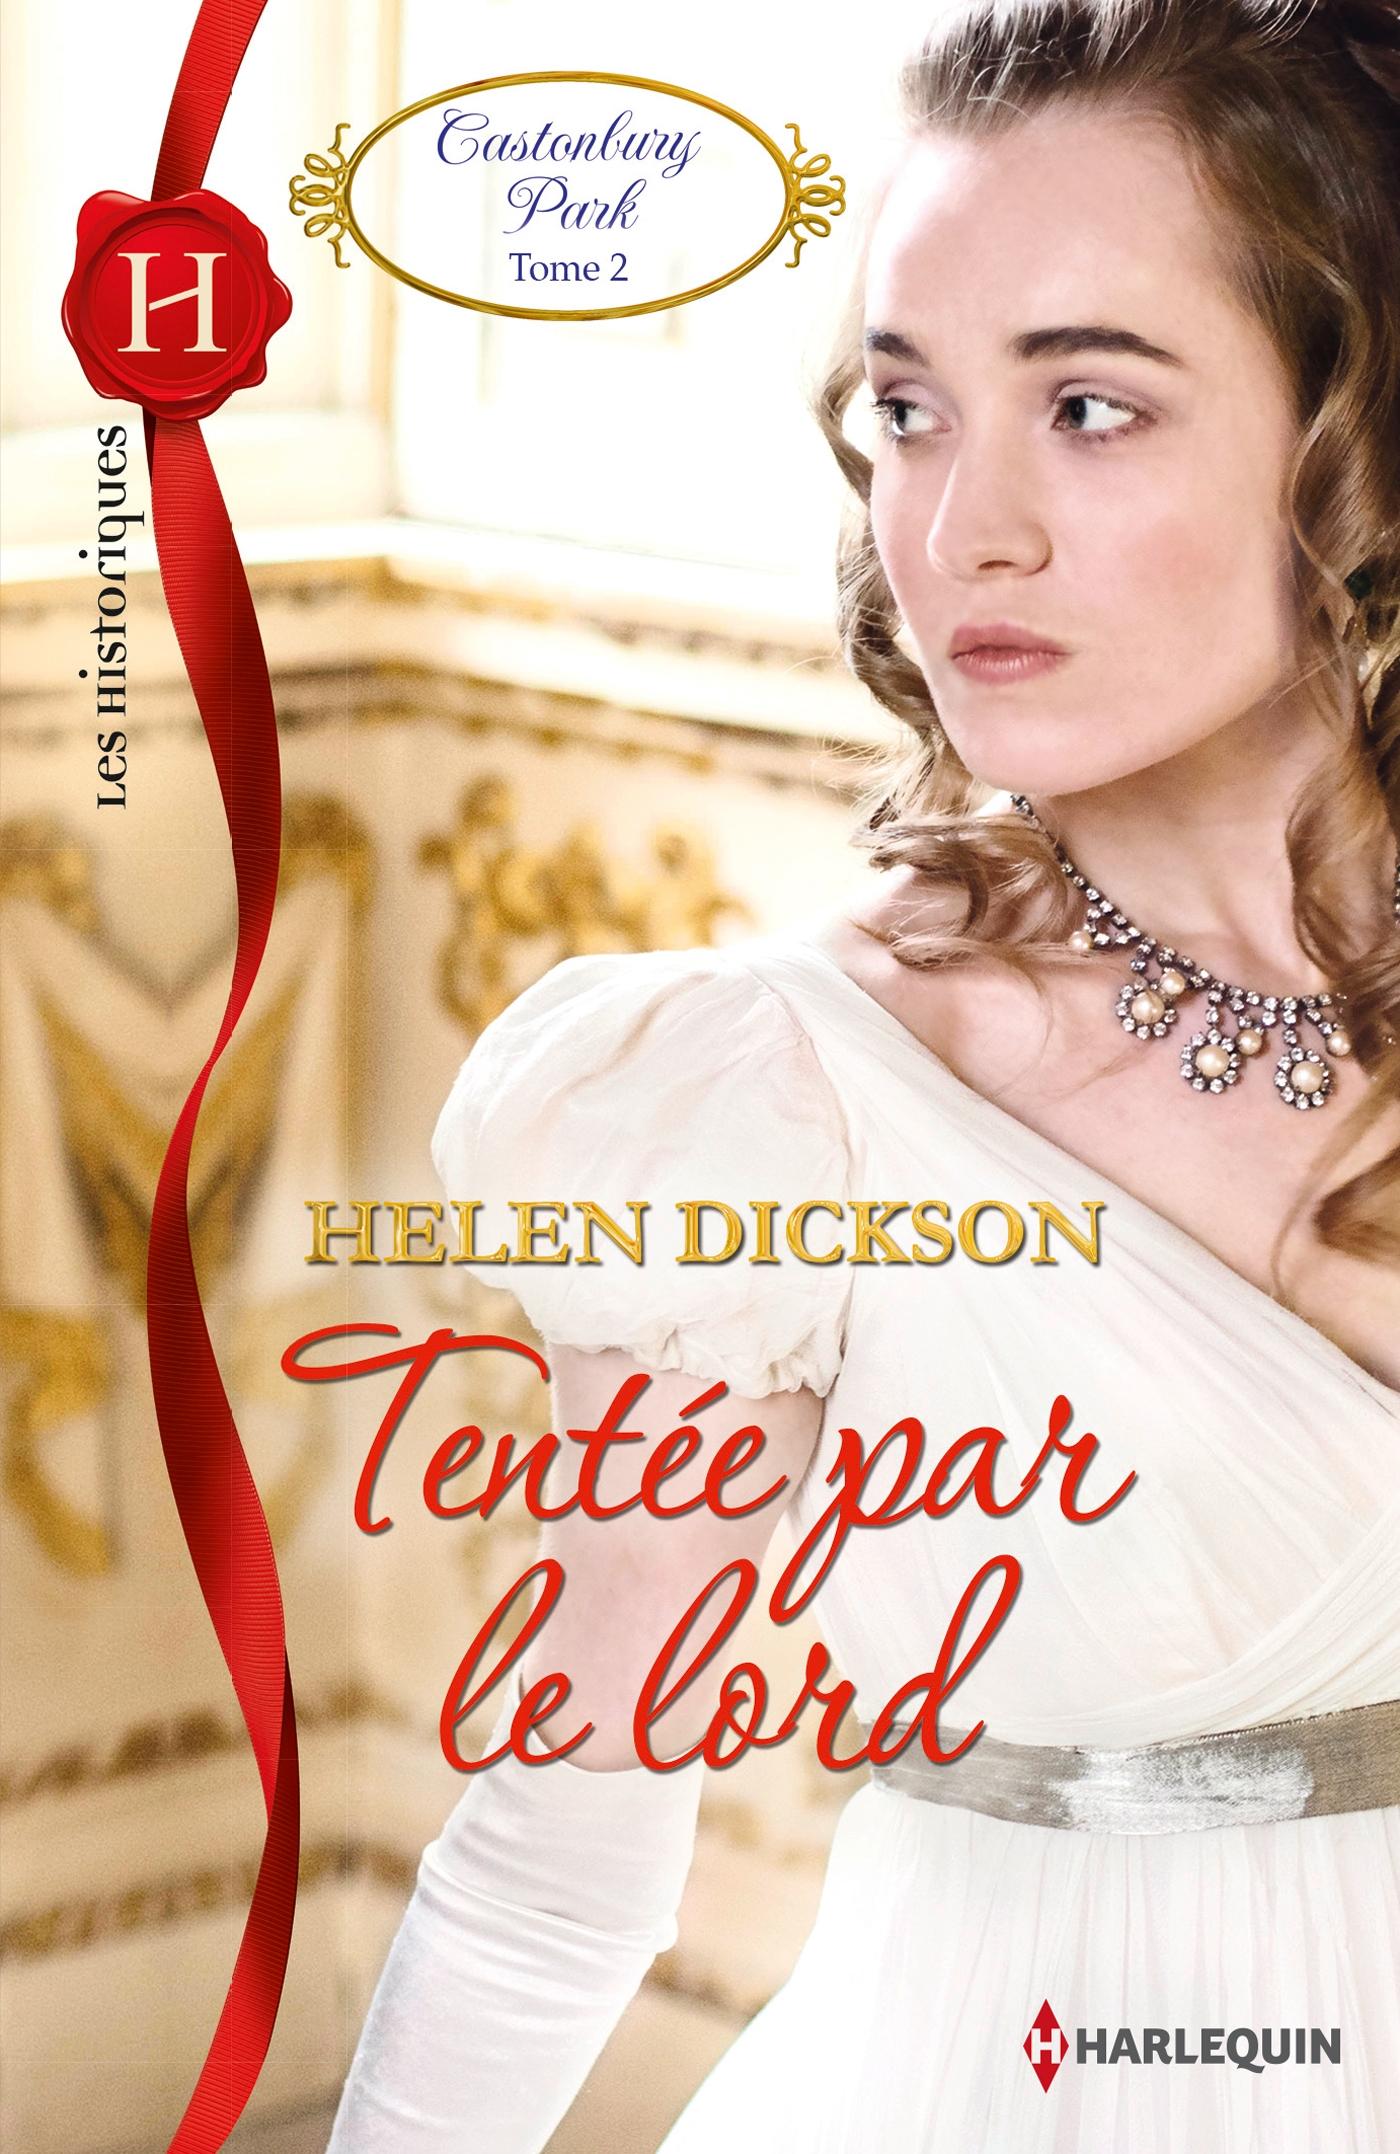 dickson - Castonbury Park - Tome 2 : Tentée par le lord d'Helen Dickson 9782280311892